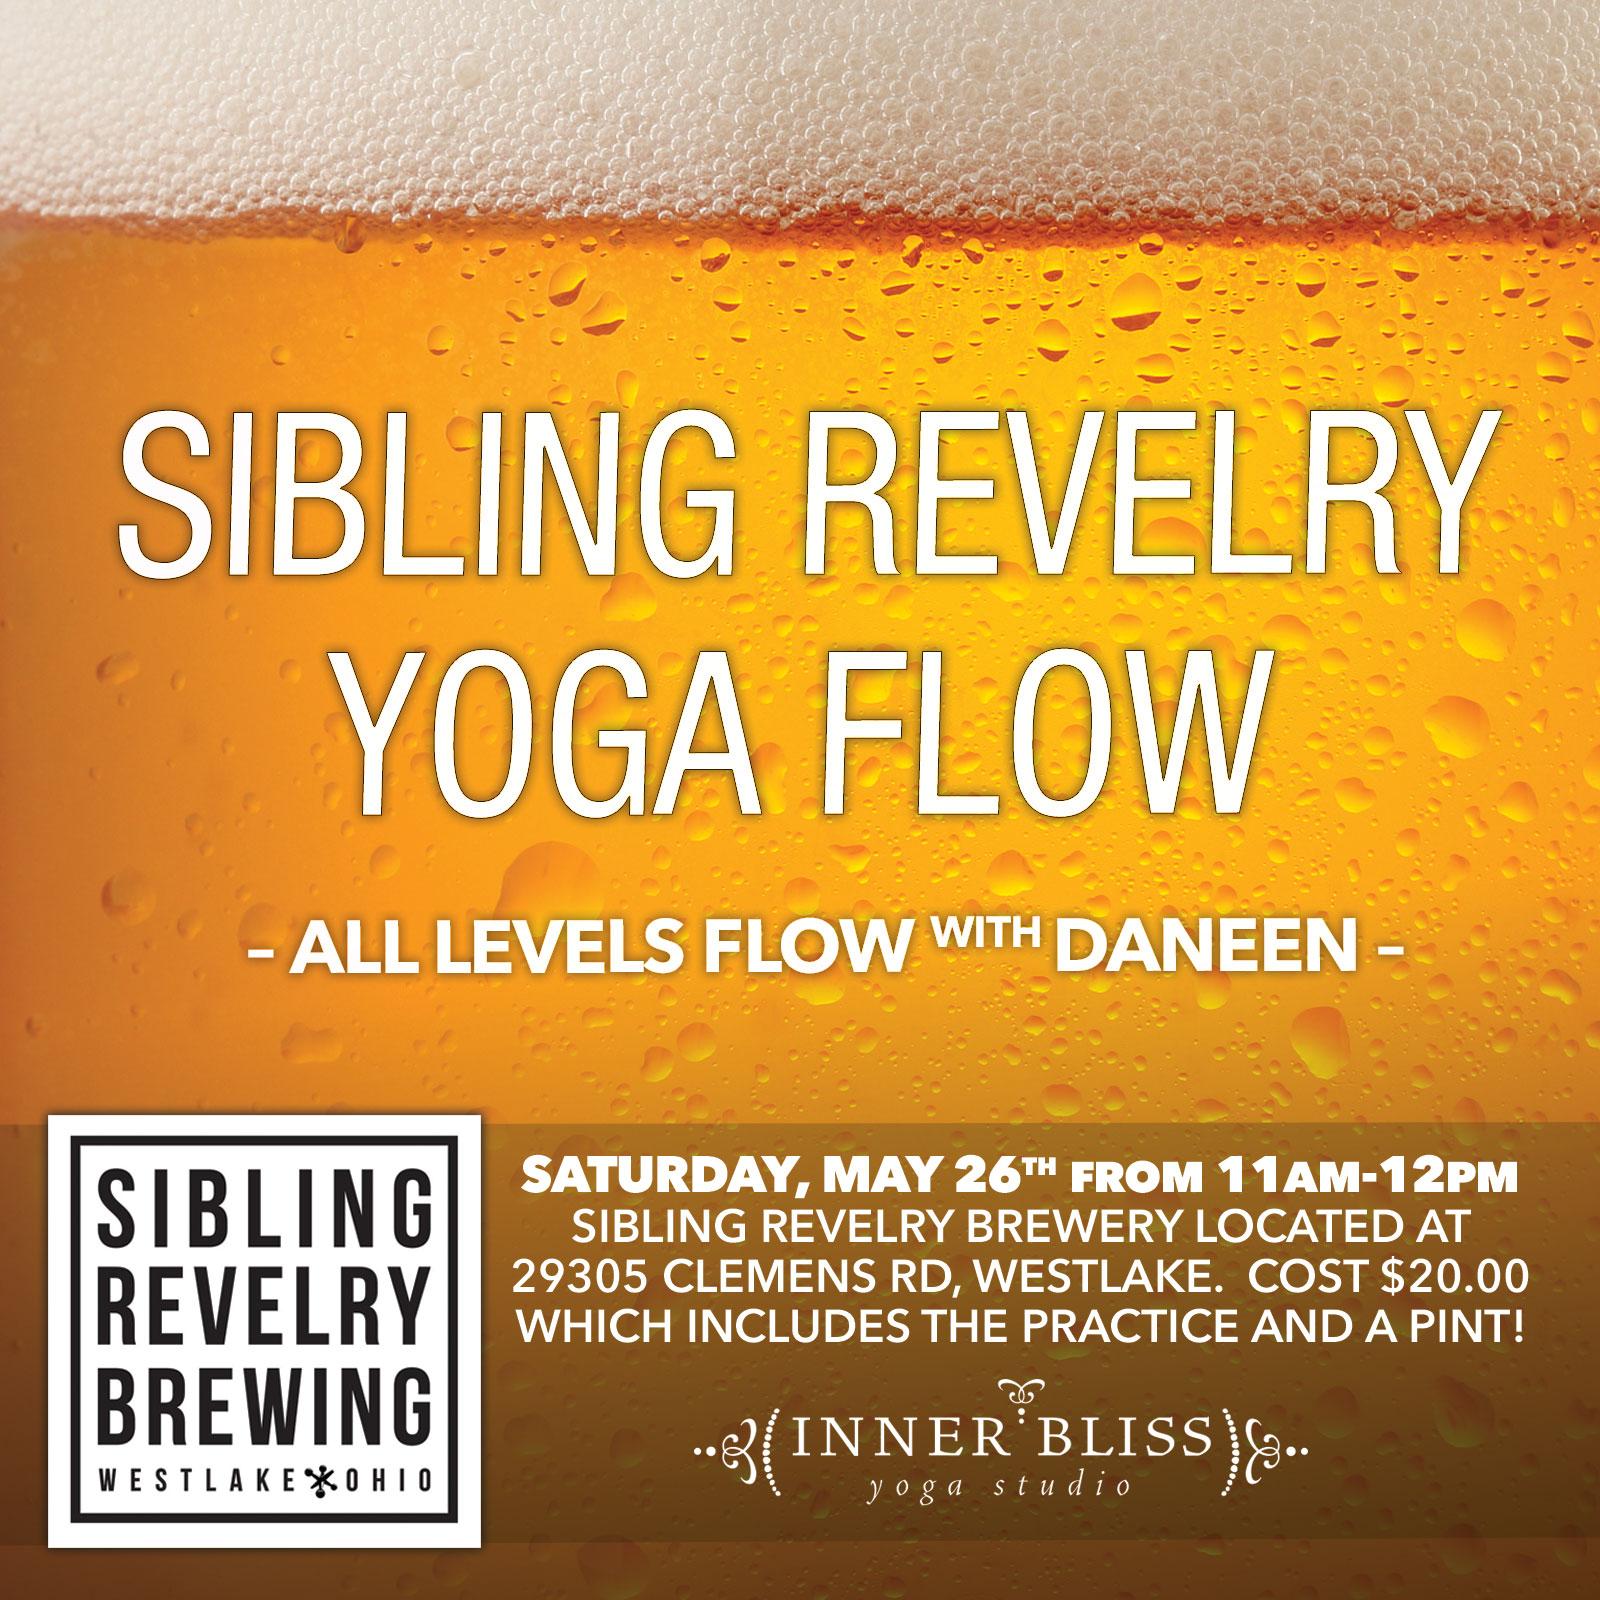 iby-sibling-revelry-flow-daneen.jpg